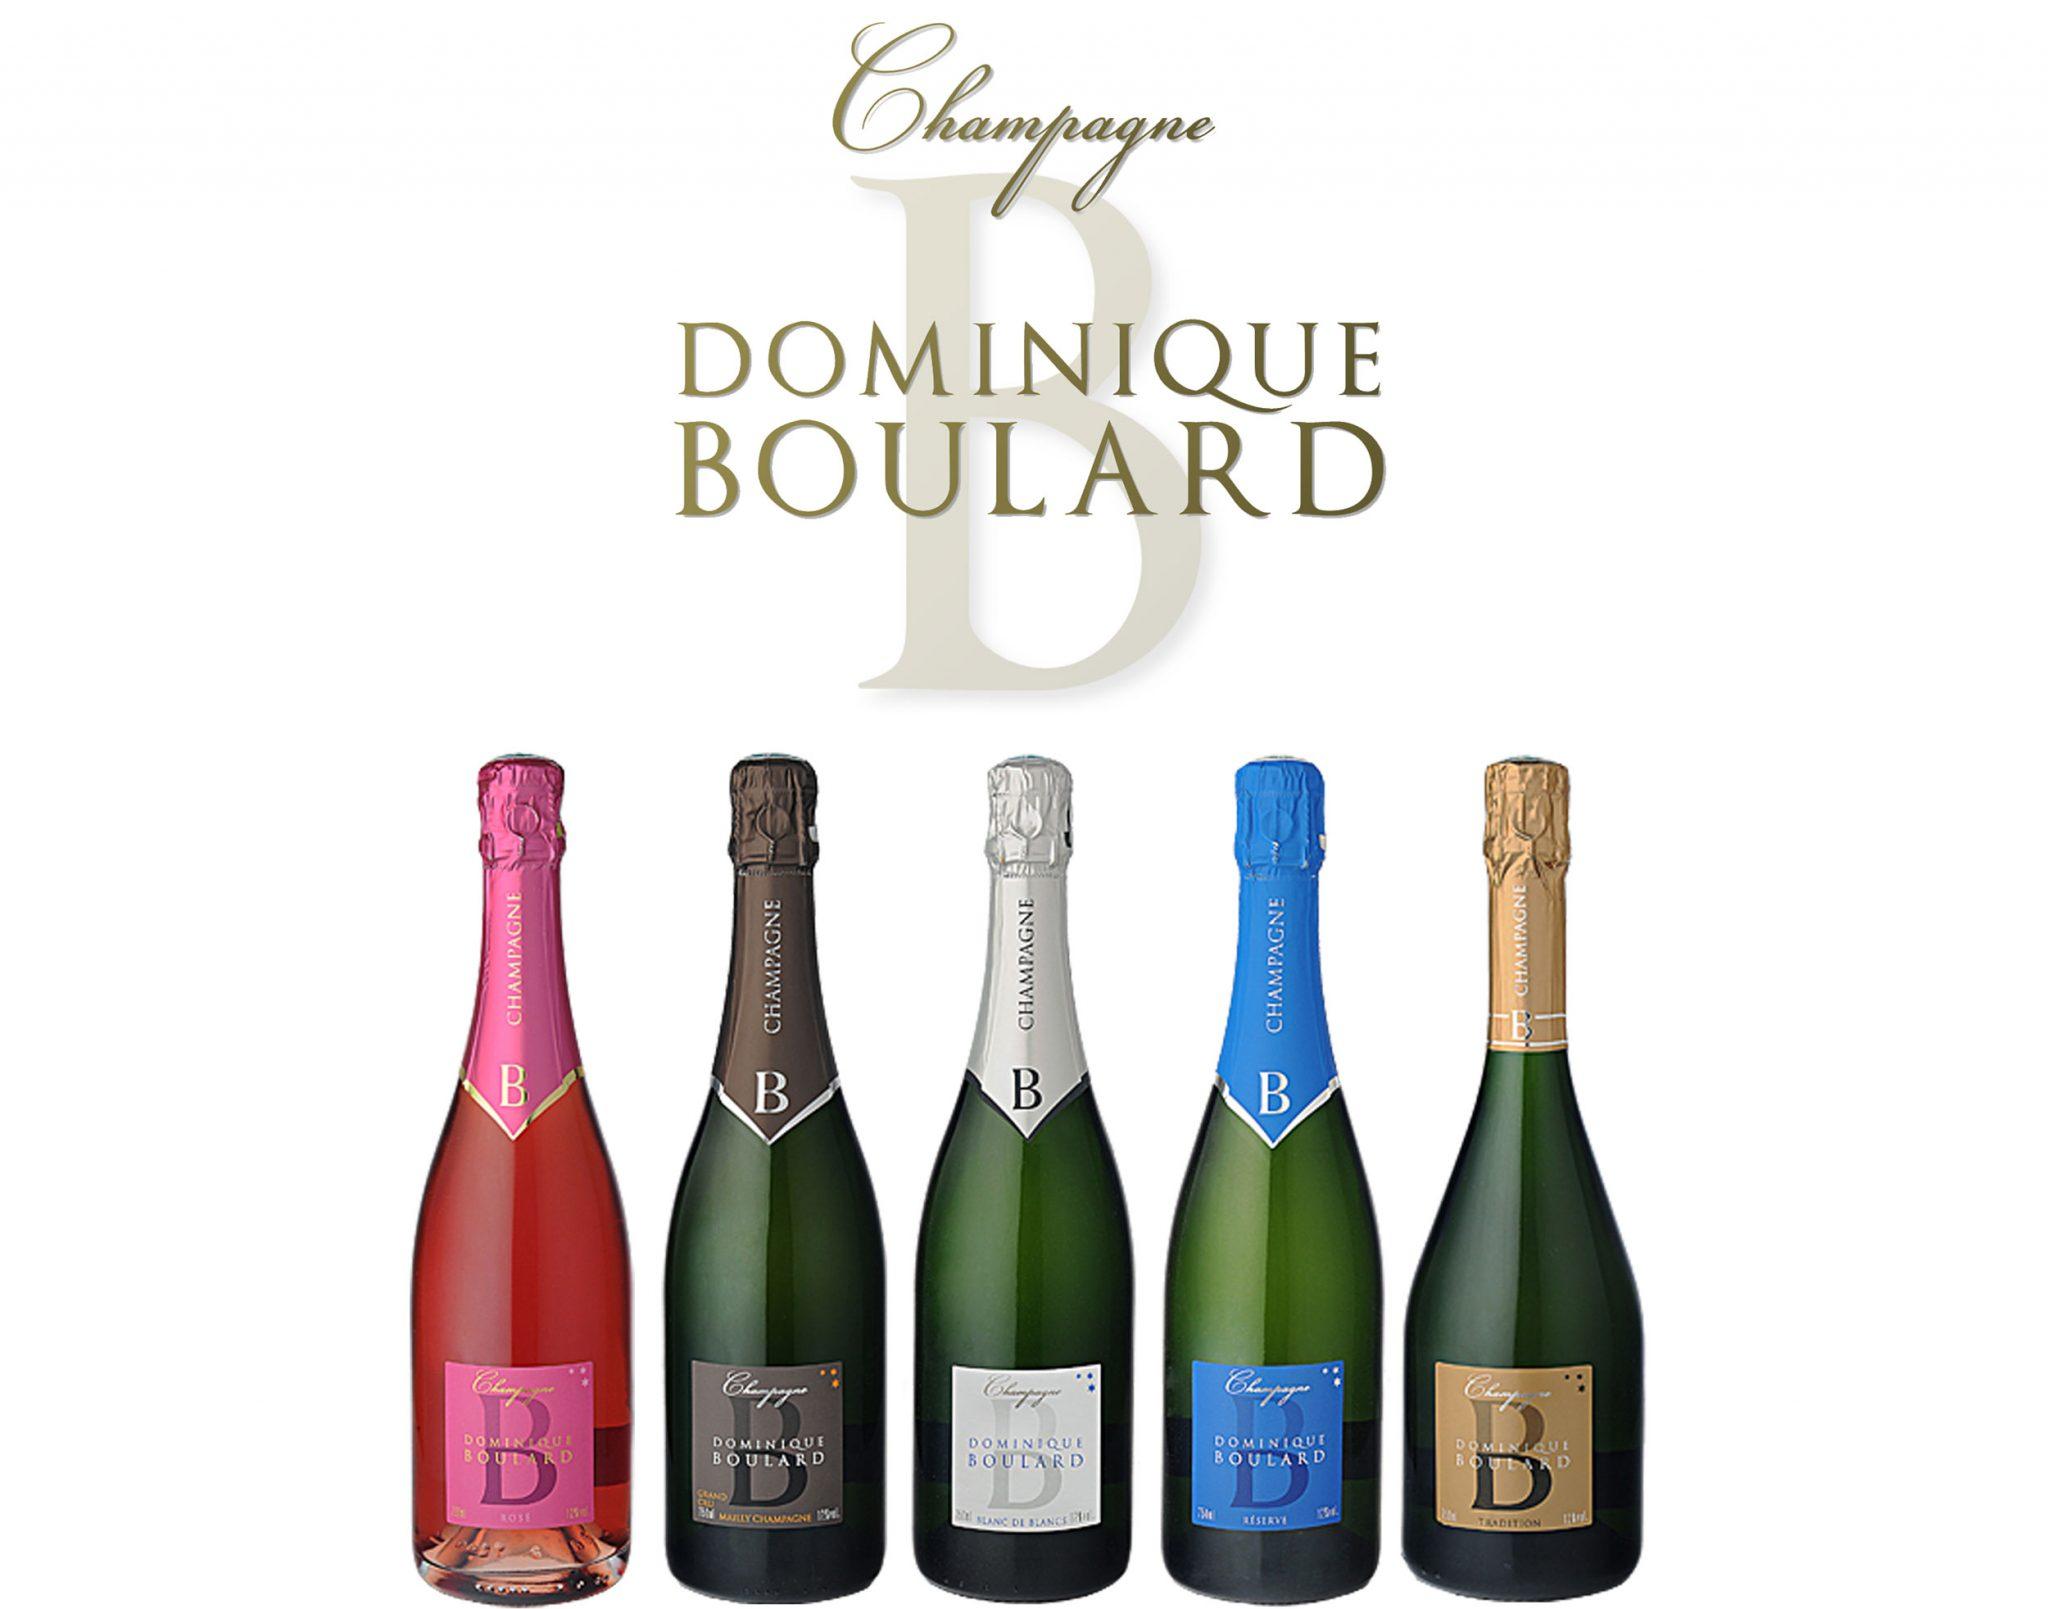 Champagne Dominique Boulard